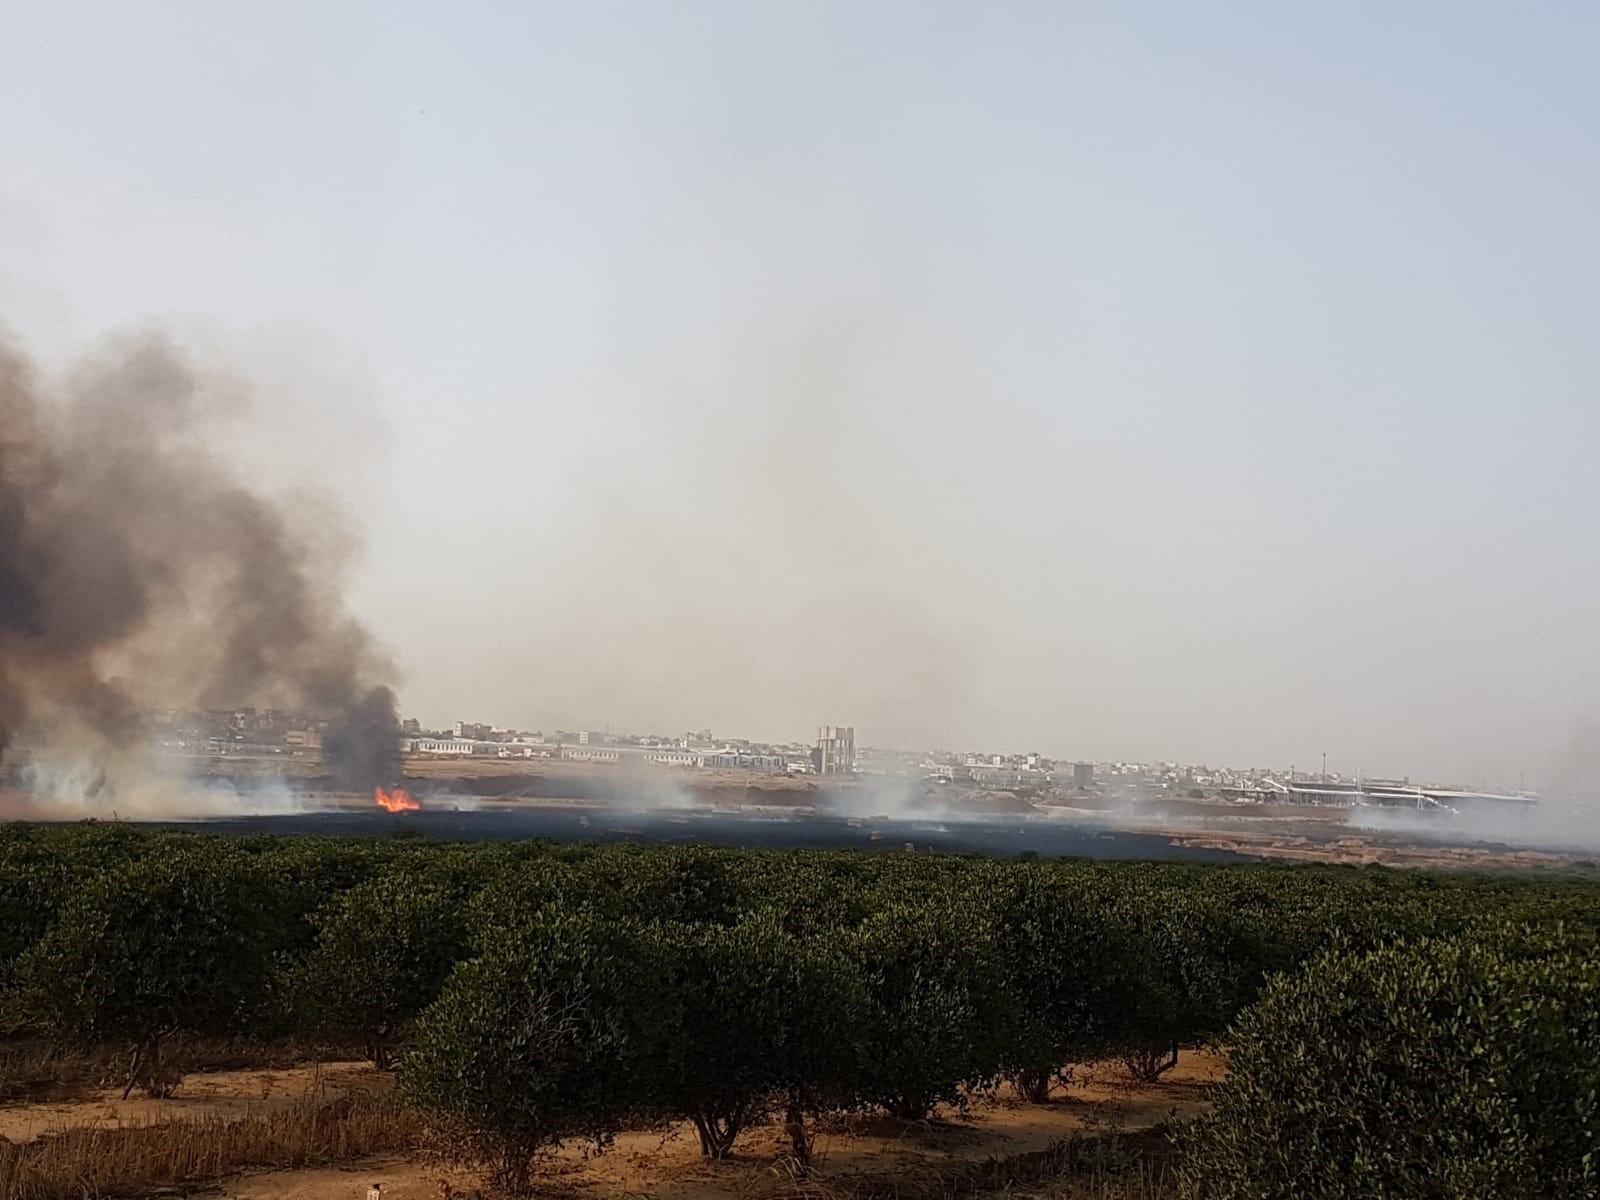 שריפה בשדות קיבוץ עלומים